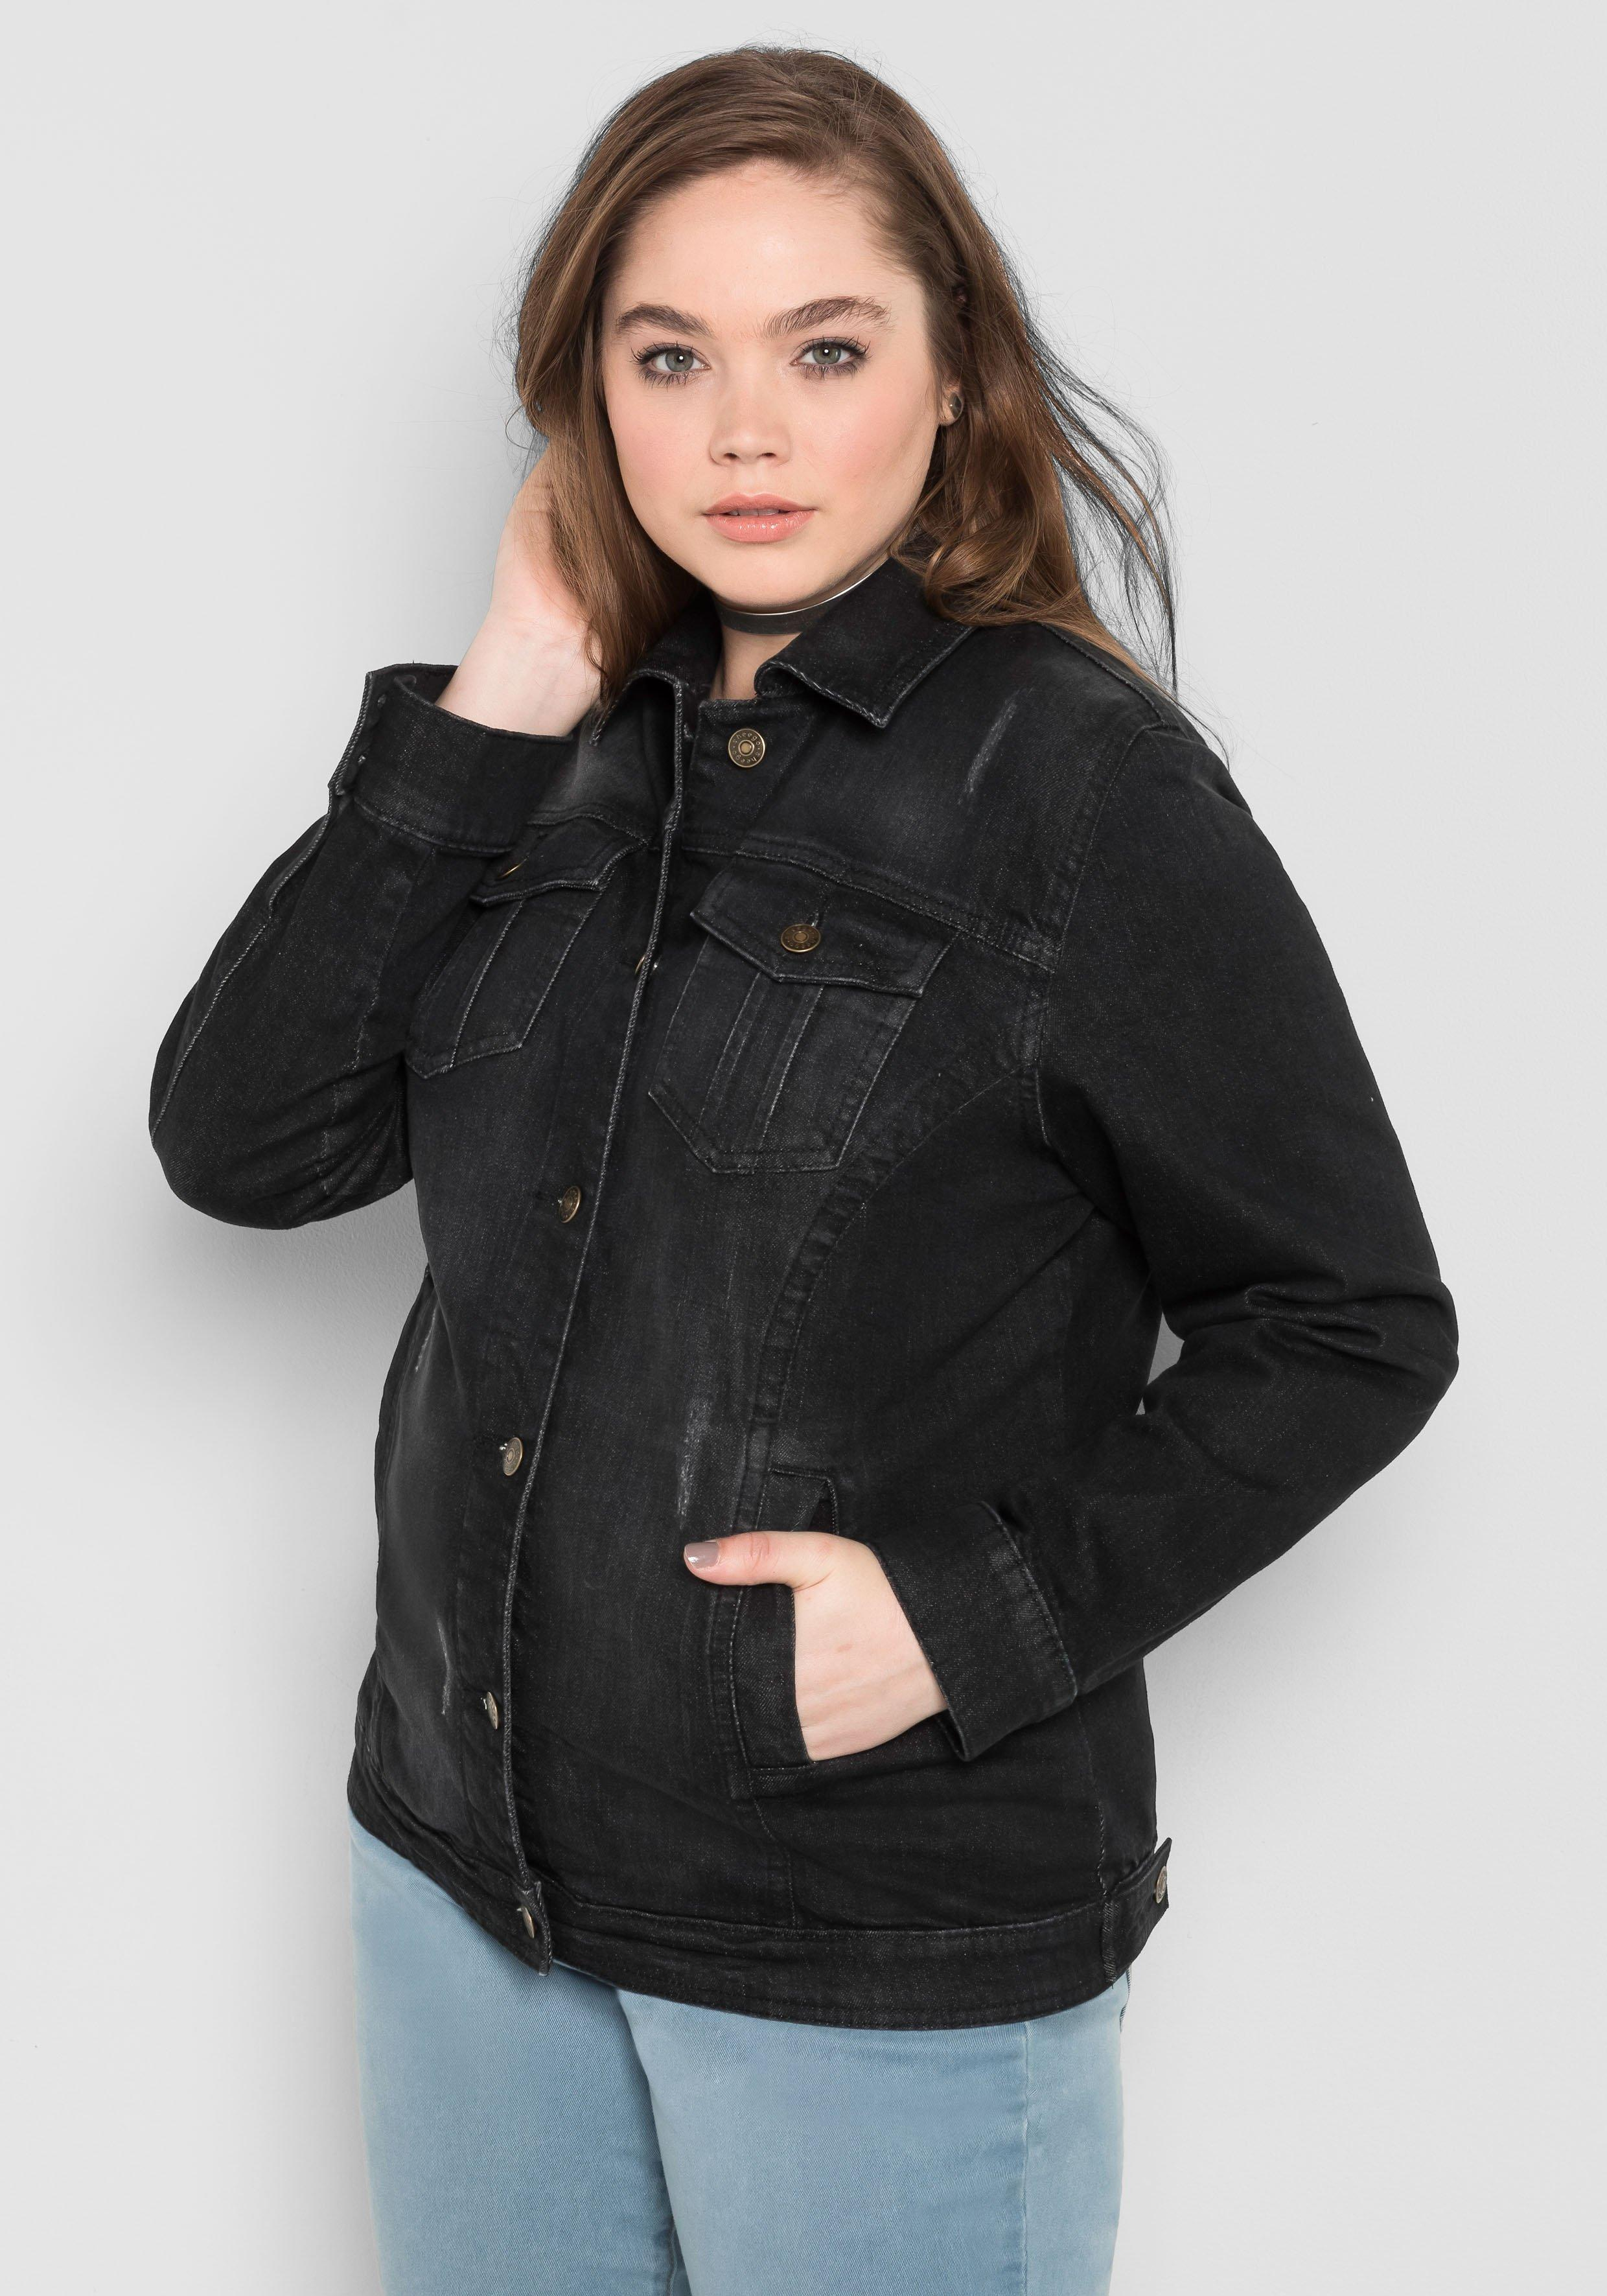 Große Größen: Jeansjacke im klassischen Stil, black Denim, Gr.40-58